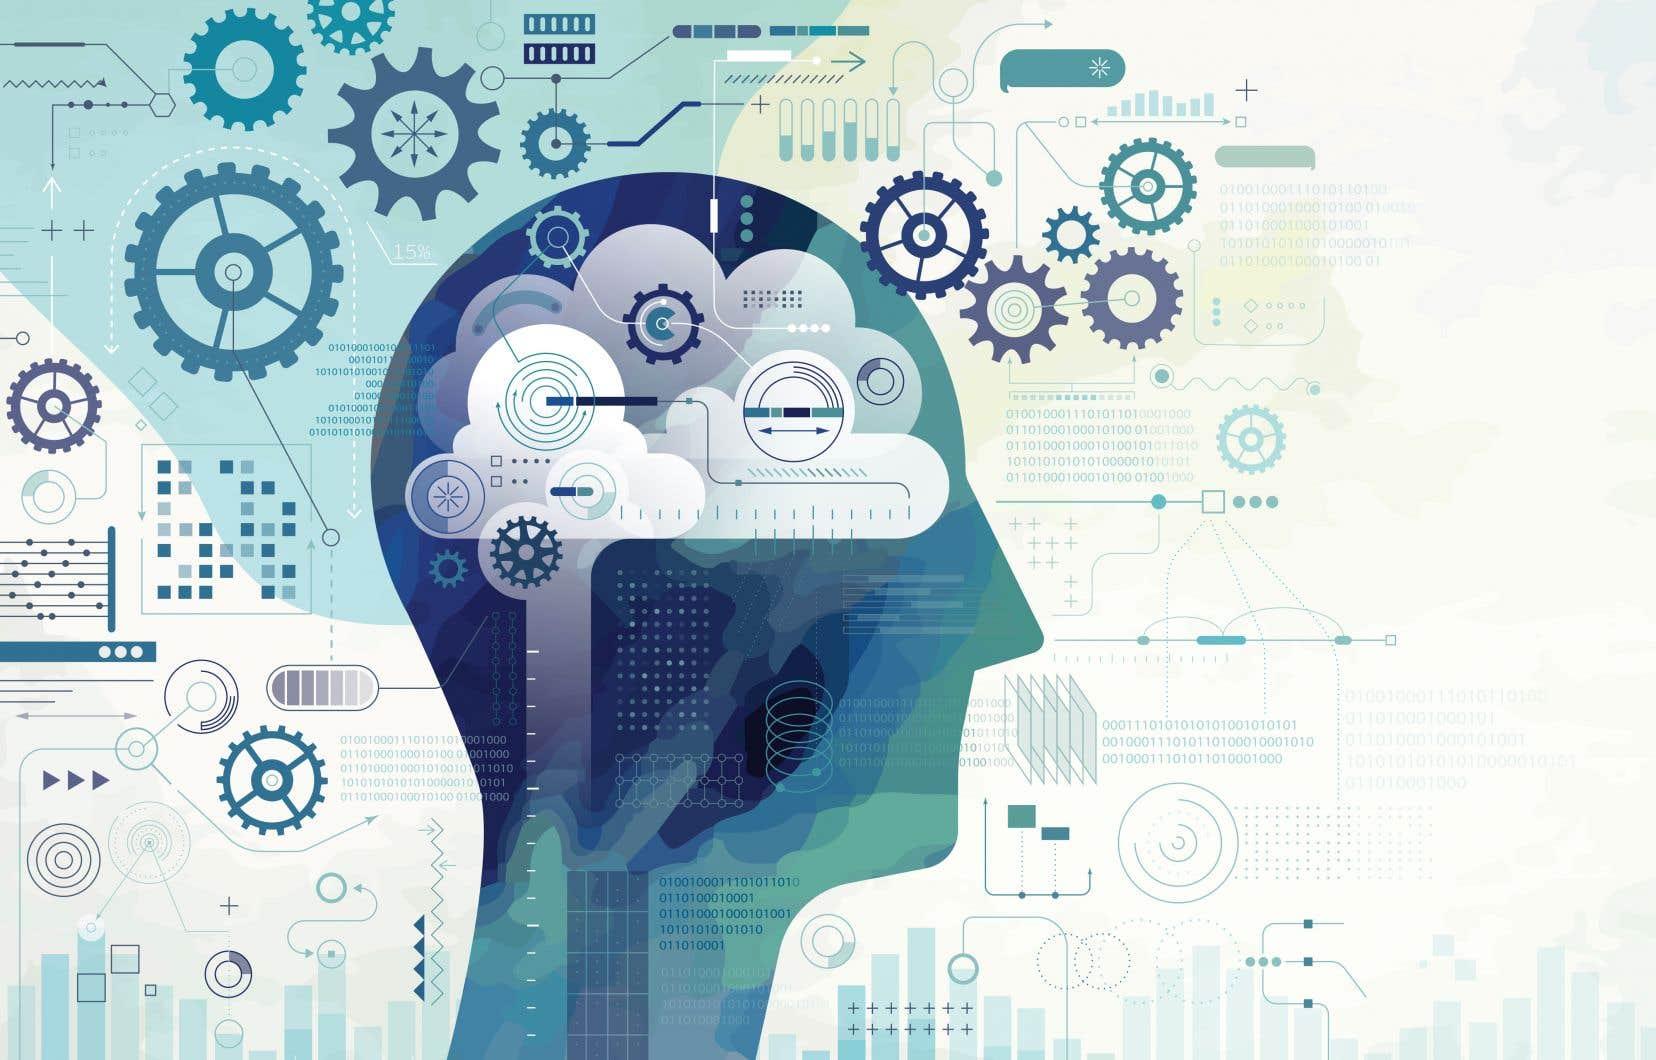 <p>«Que l'IA soit capable du meilleur ou du pire, c'est ce que nous rappelle notre imaginaire culturel entretenu, depuis longtemps, par la science-fiction», expliqueAndré-Louis Paré.</p>